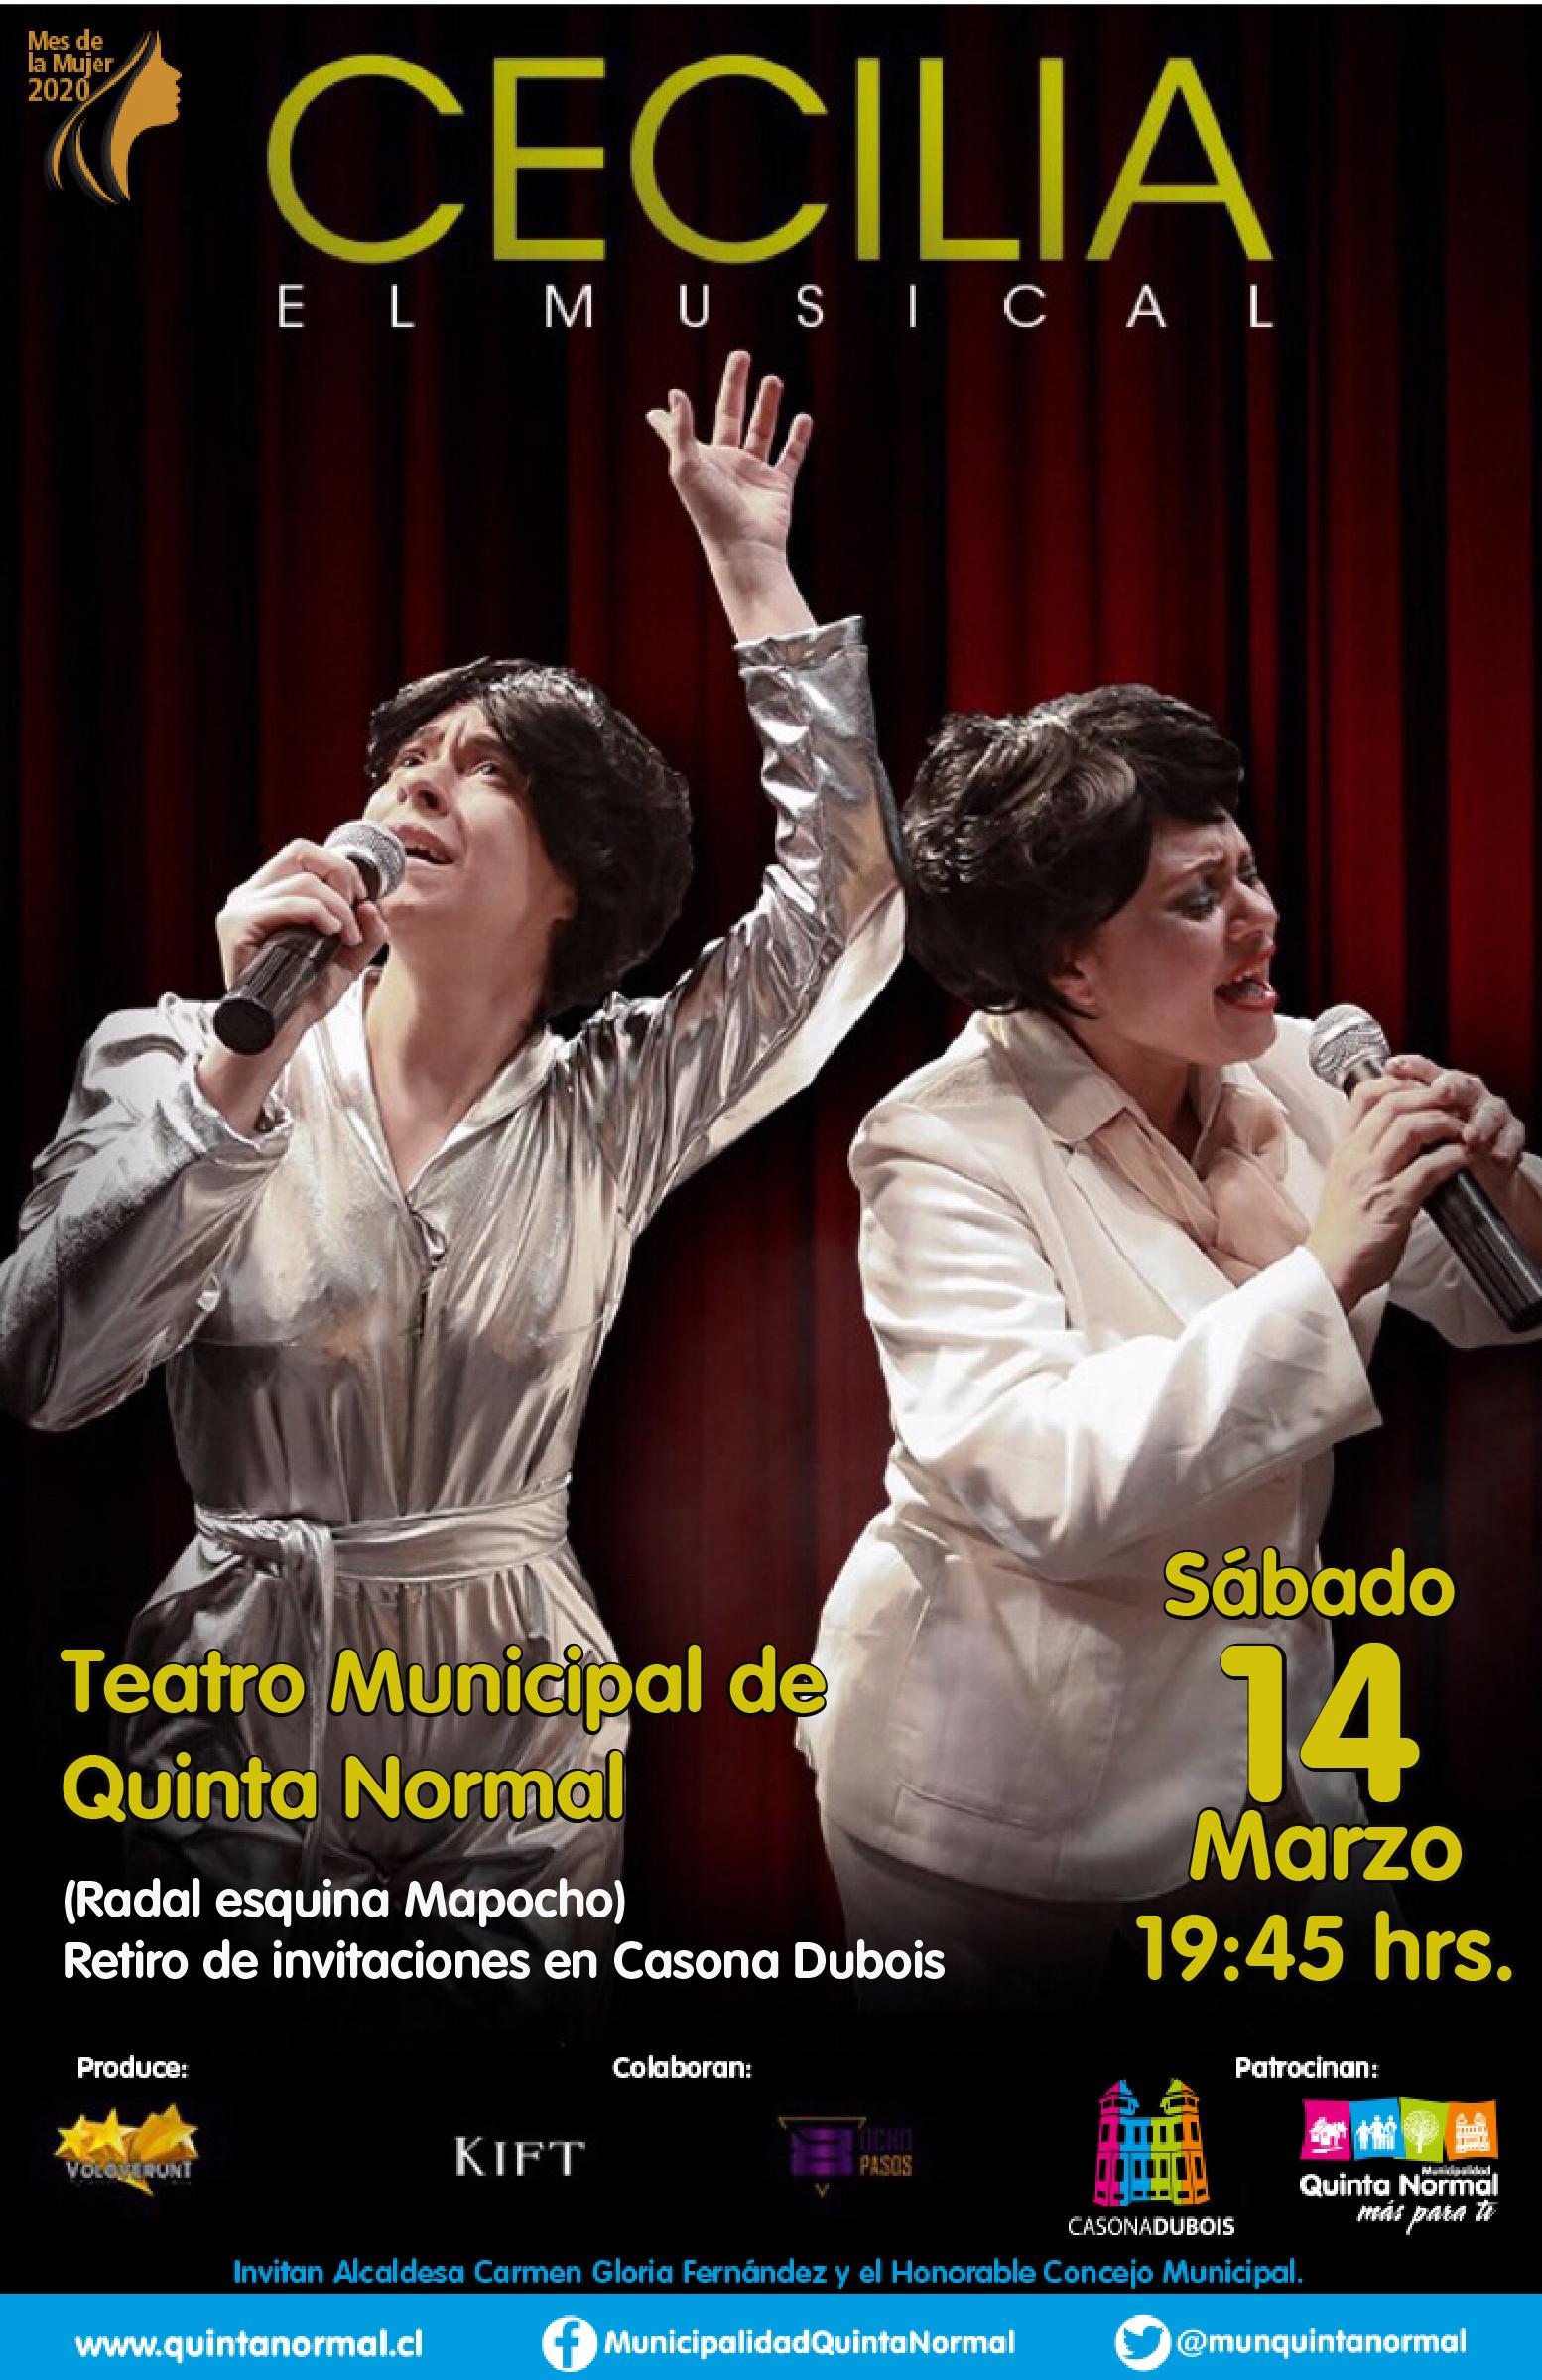 Cecilia, El Musical. Sábado 14 de Marzo, 19:45 hrs